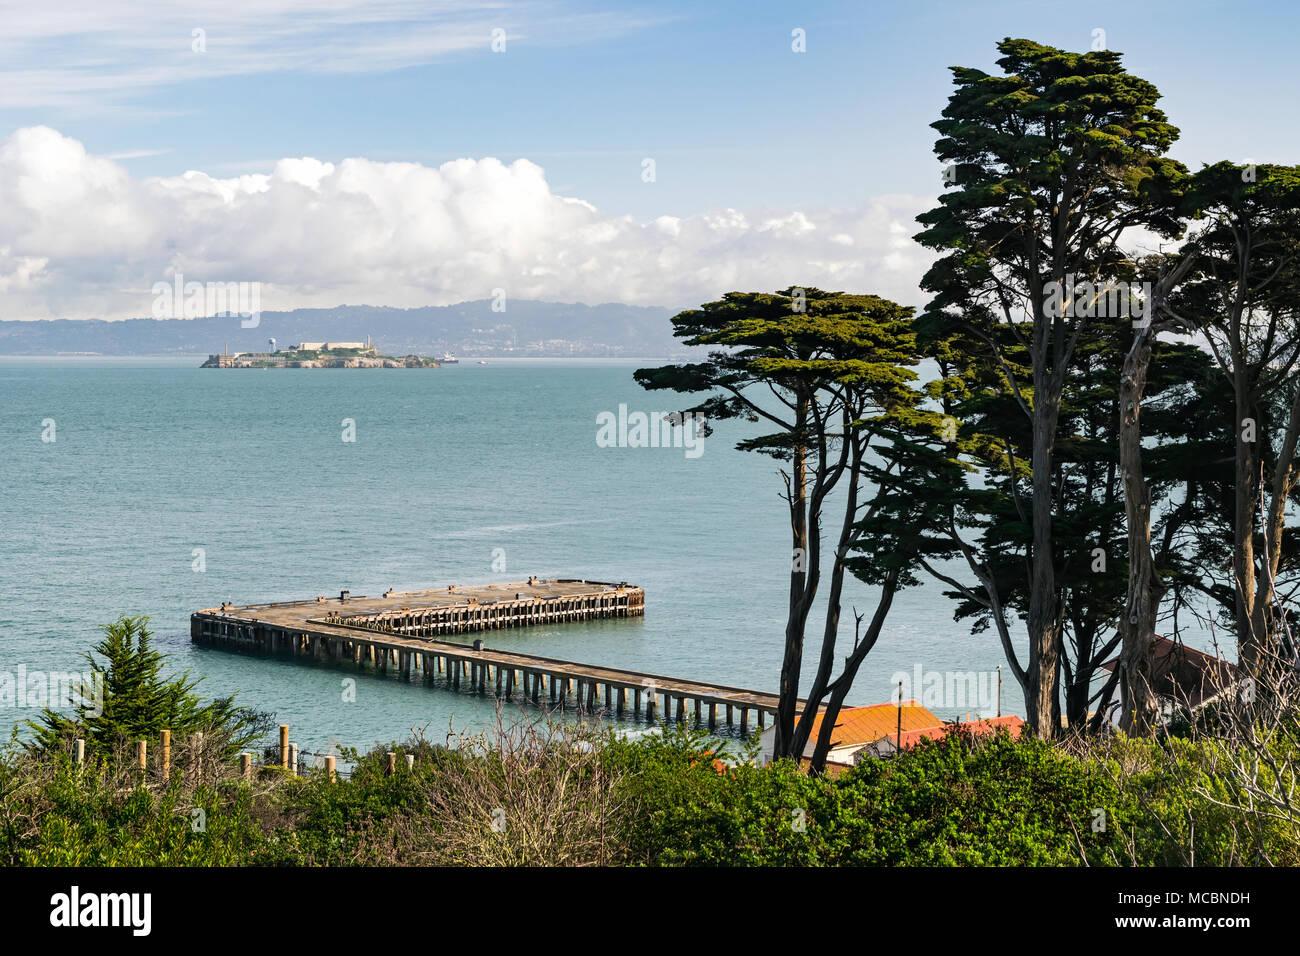 Scenic picture taken from San Francisco coastline, Alcatraz prison in the bay - Stock Image